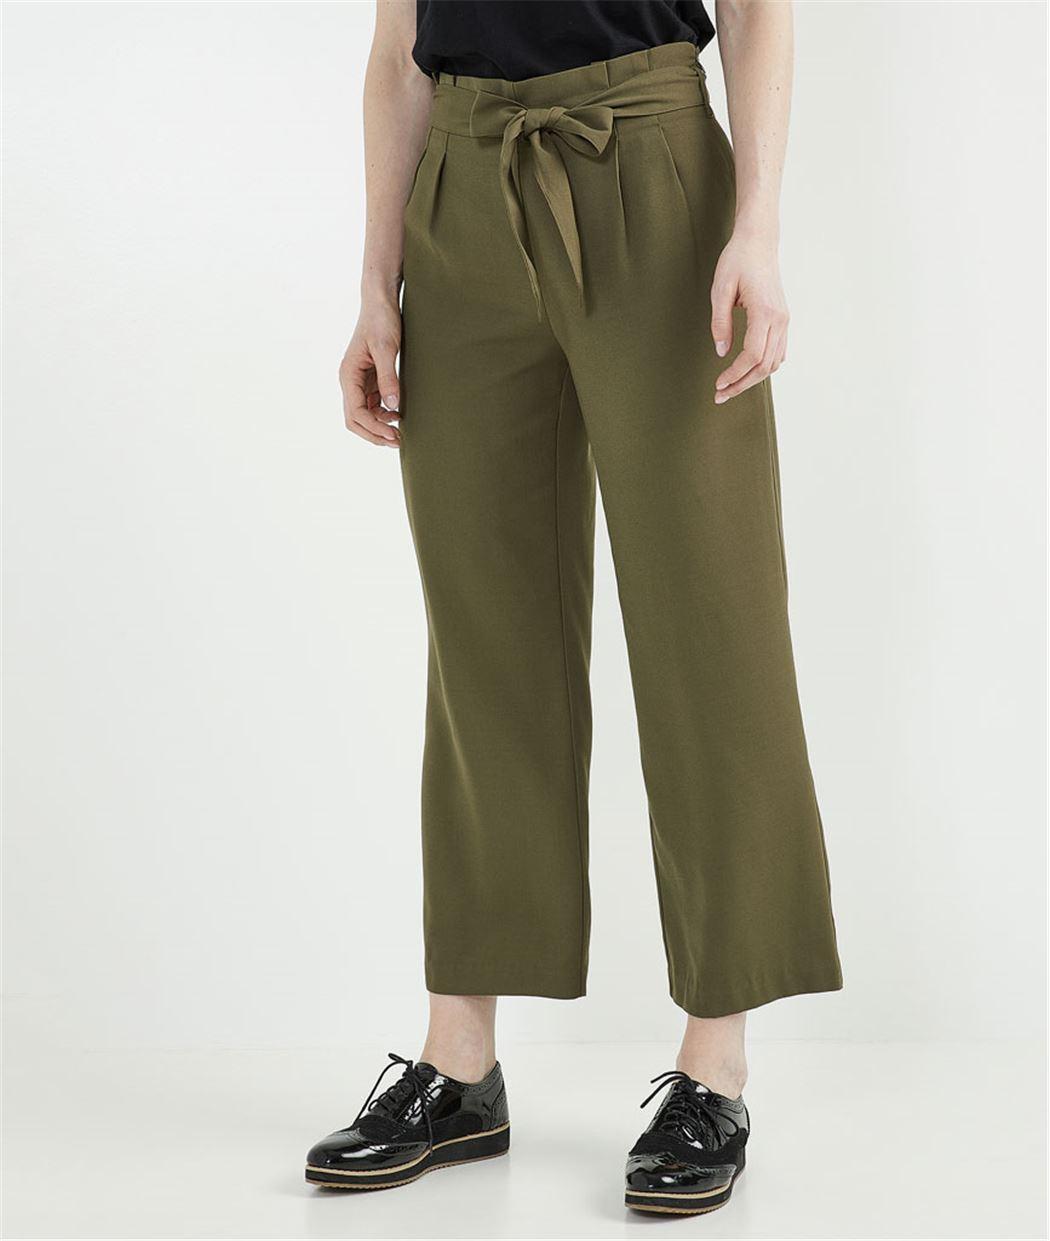 Pantalon paper bag KAKI